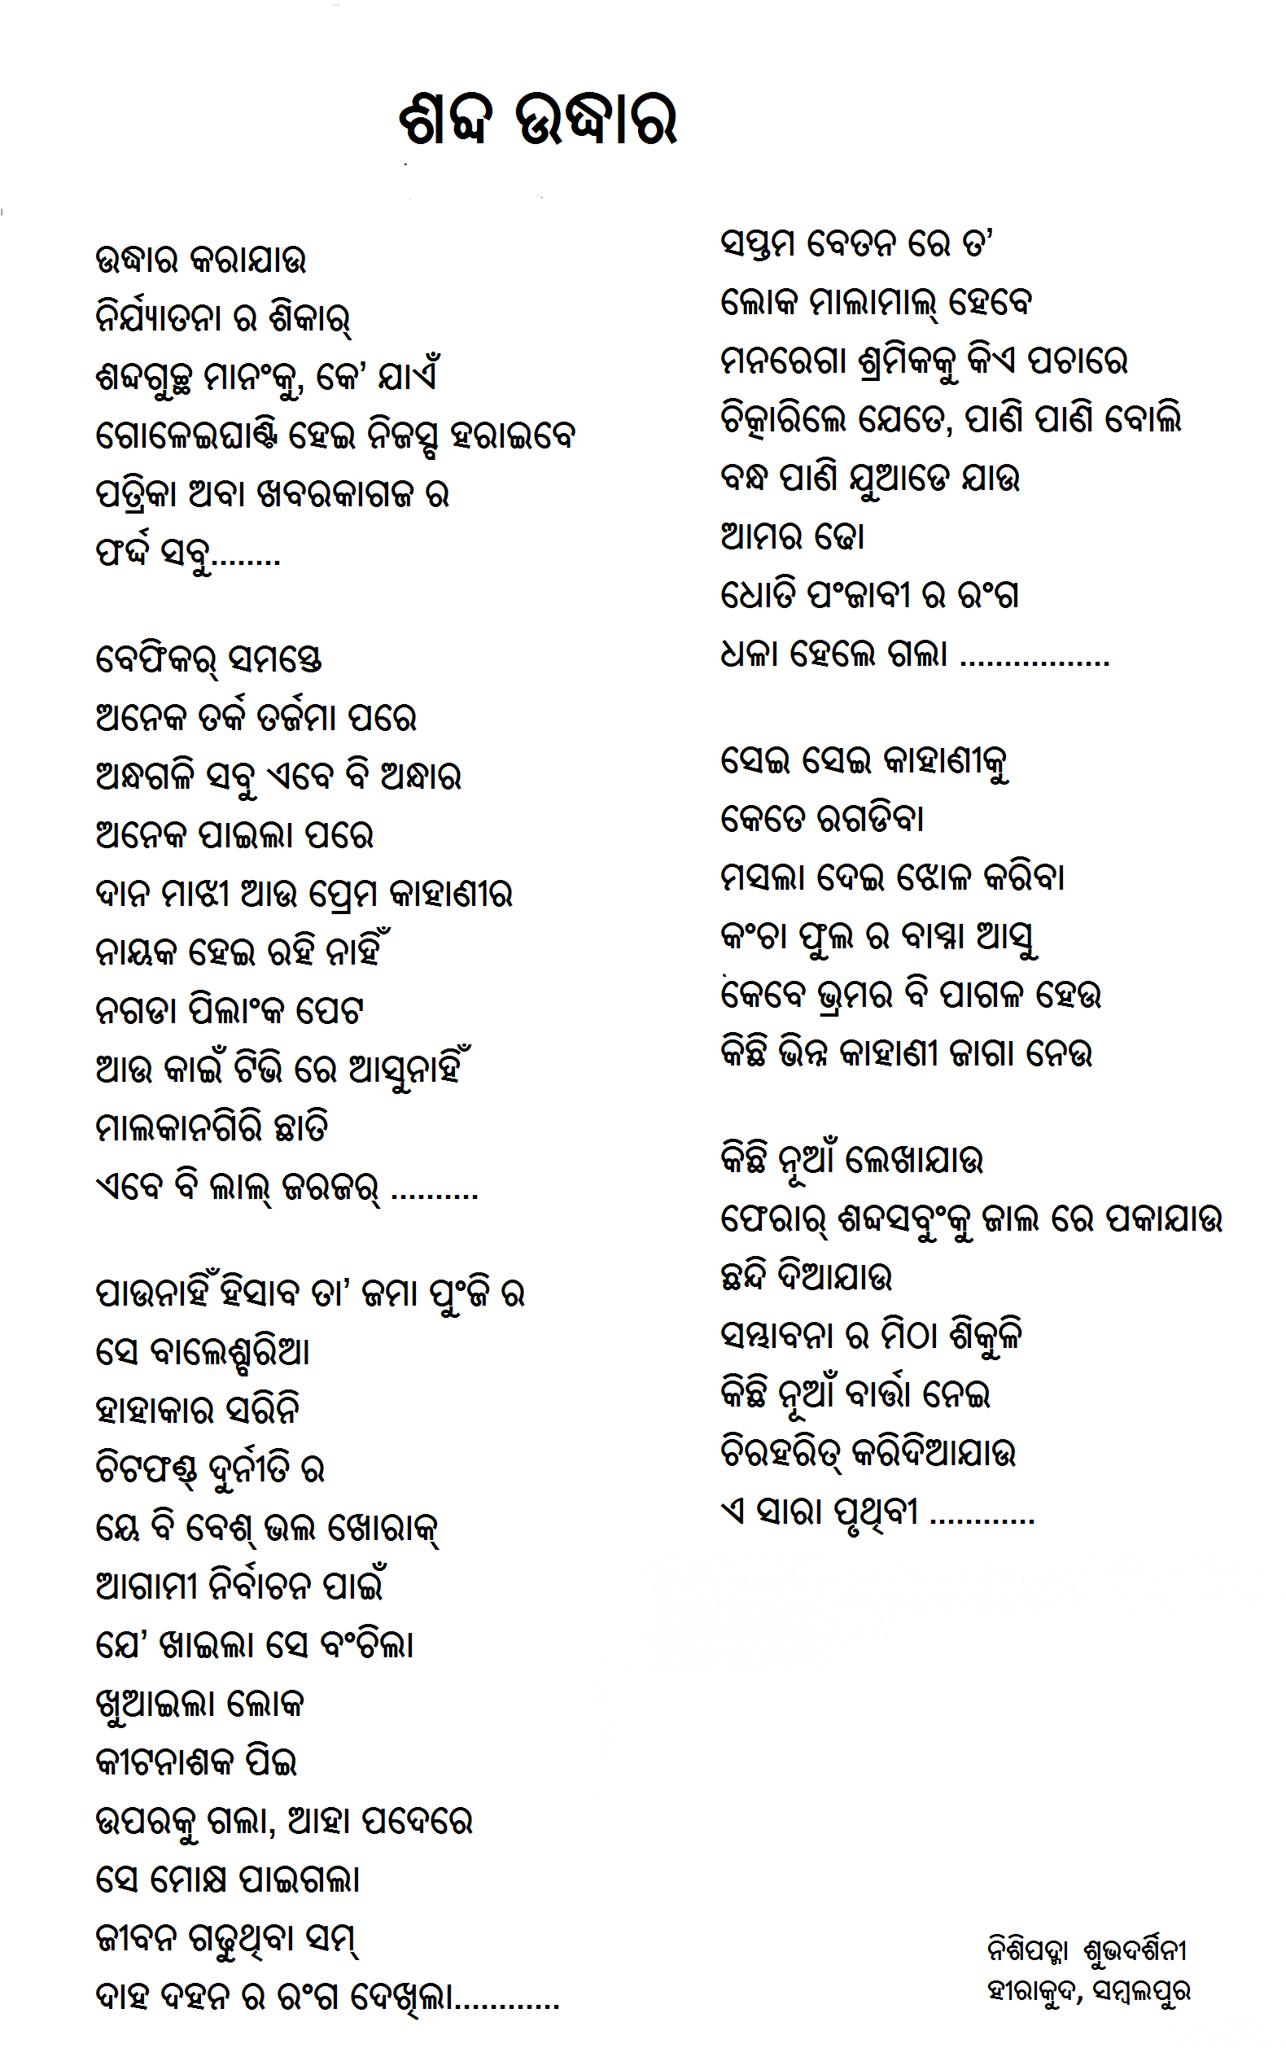 Nishipadma subhadarshini odia poem bbsrbuzz